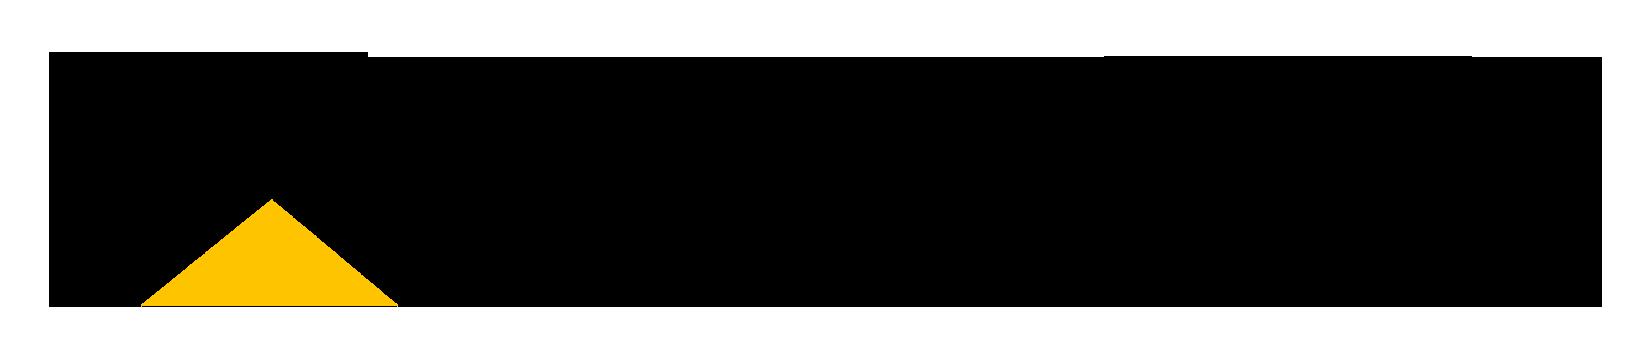 Hdpng - Caterpillar, Transparent background PNG HD thumbnail